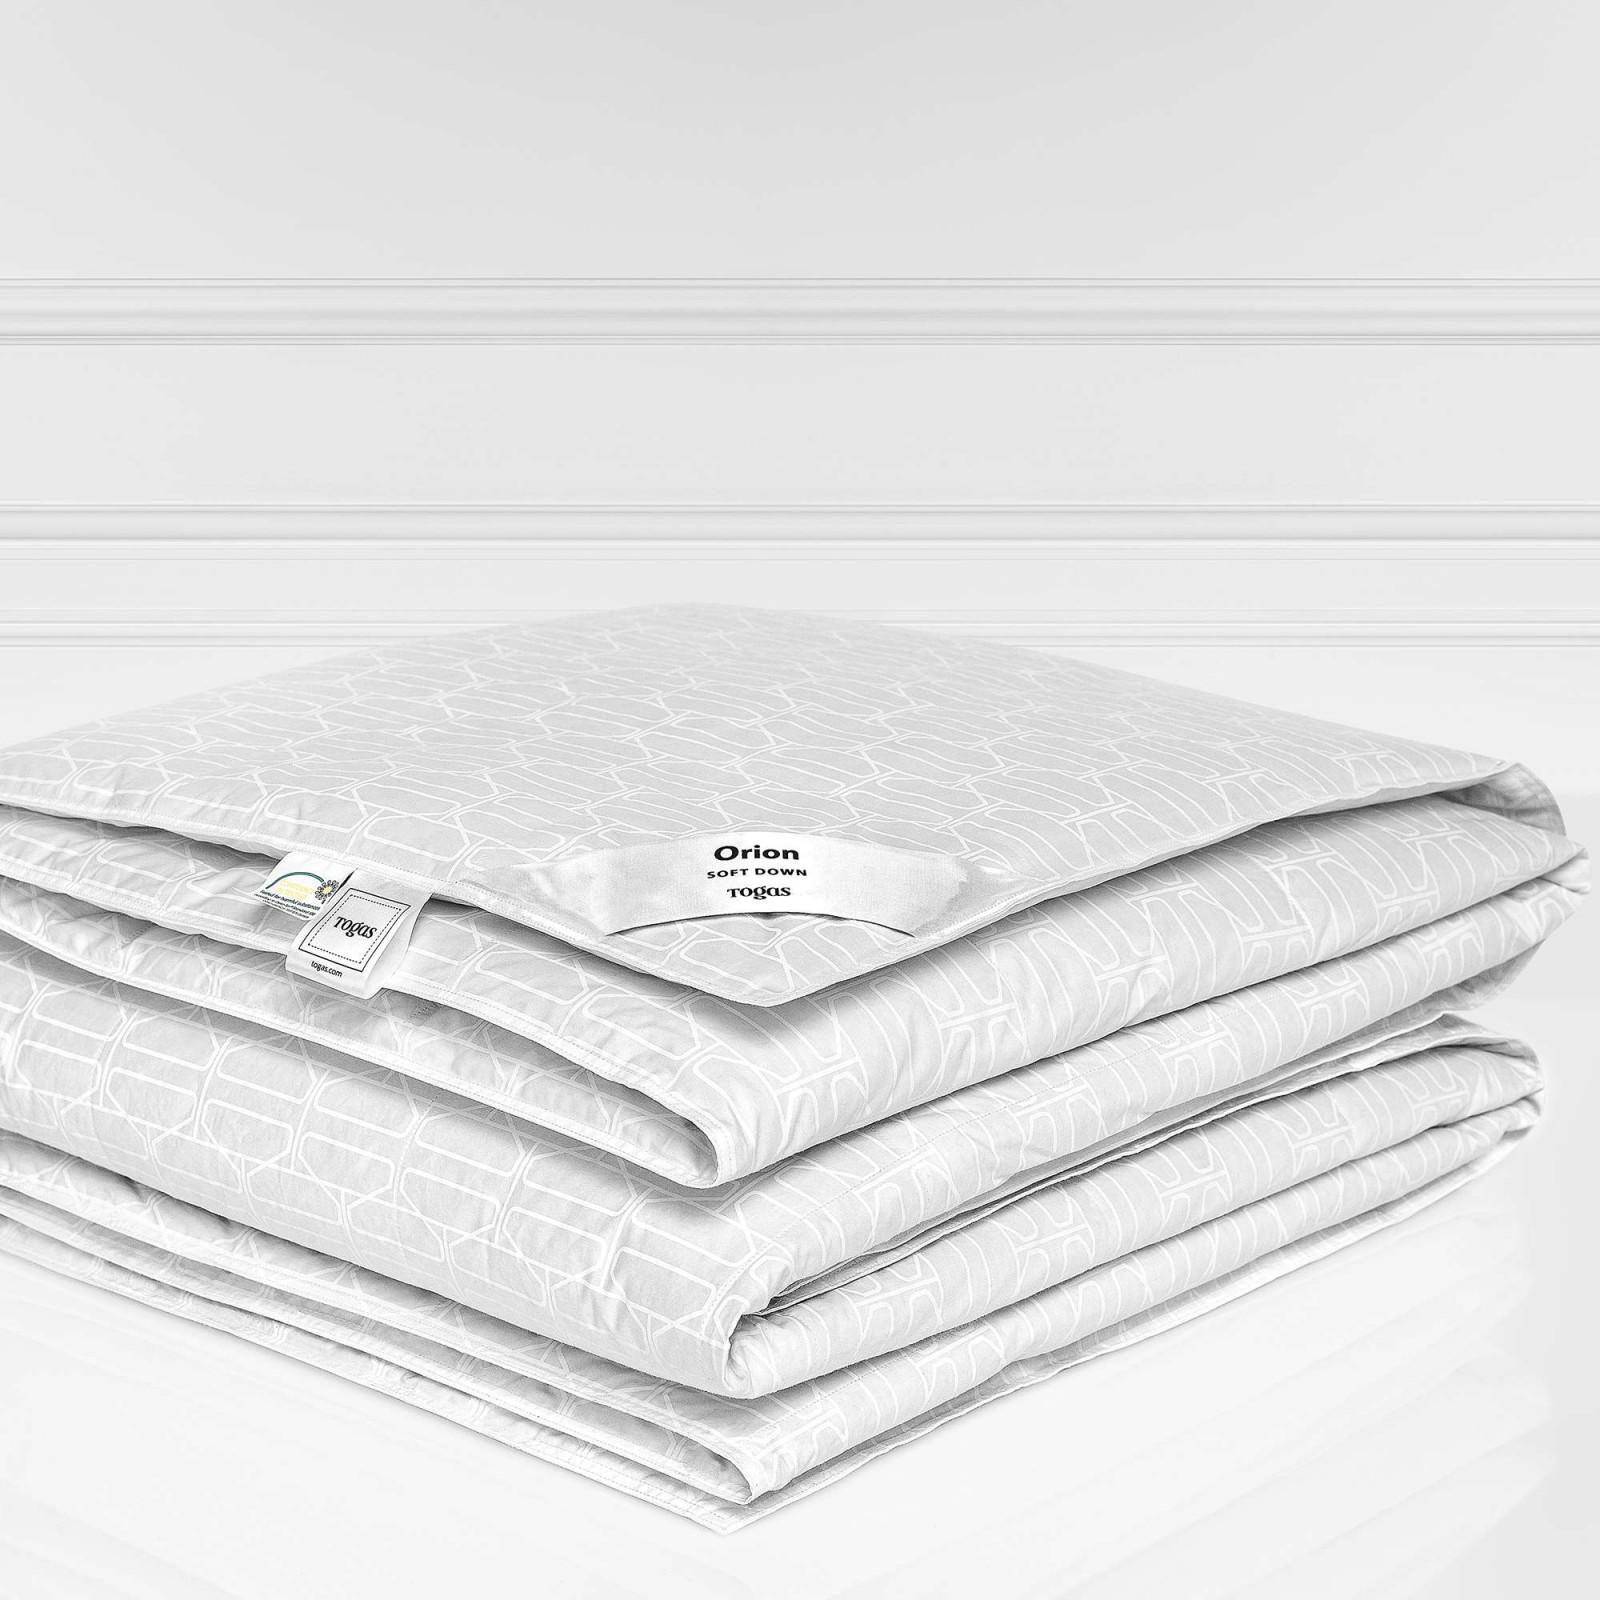 где купить Одеяла Togas Одеяло Орион Всесезонное (140х200 см) по лучшей цене